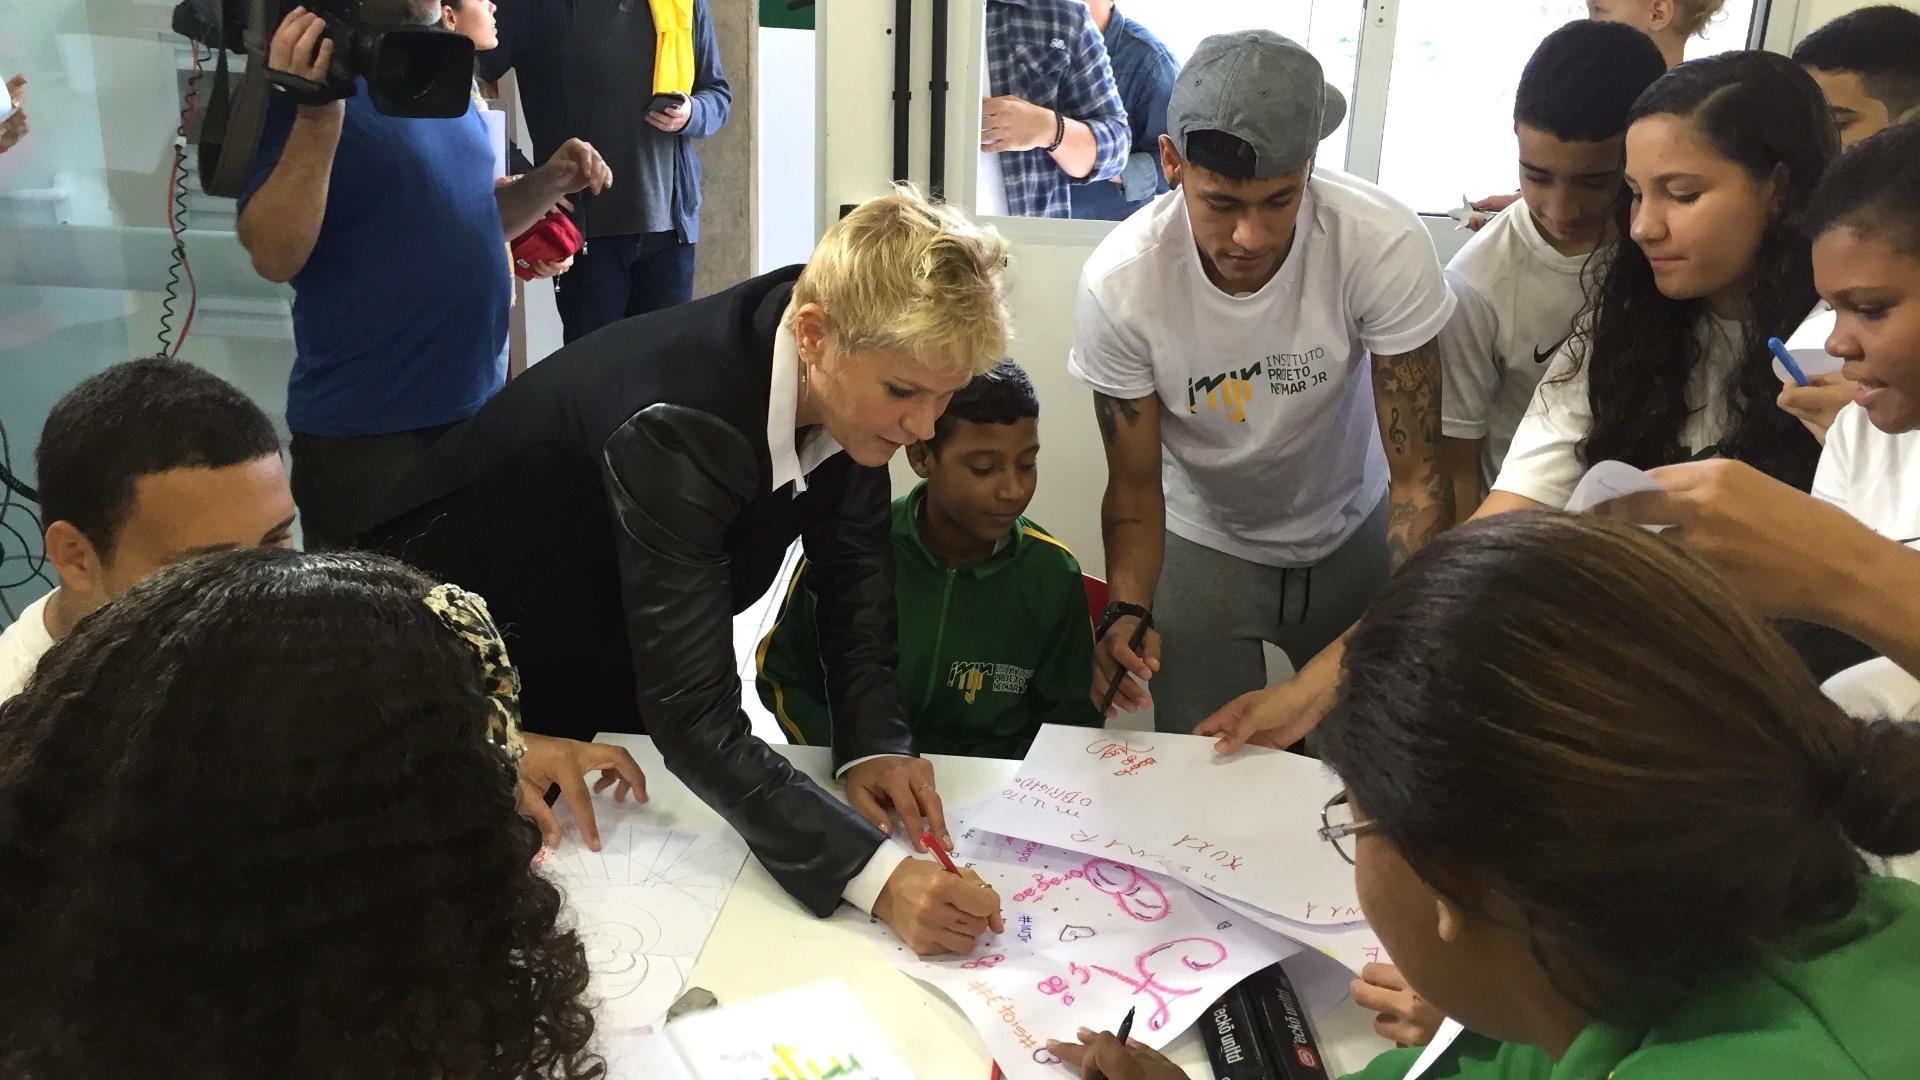 20.ago.2015 - Xuxa e Neymar conversam com crianças atendidas pelo Instituto Neymar Jr. durante visita de Xuxa ao projeto do atacante, na Praia Grande